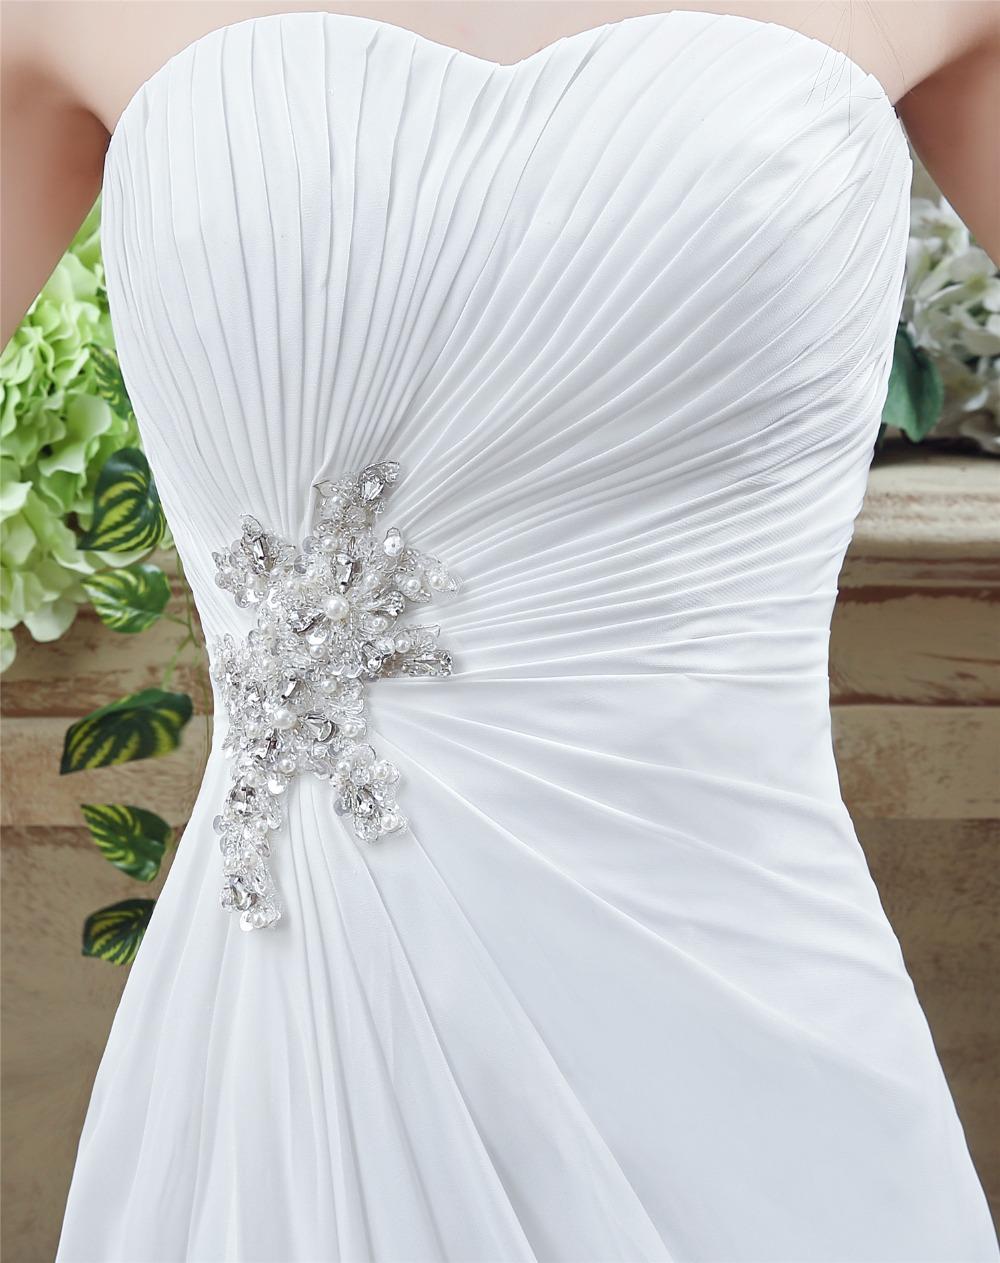 41fc147b7 Cheap Wedding Dress Boho 2018 Strapless Vestidos Novia A Line Chiffon  Bridal Dresses Custom Made Online Shop China. 11 (1) 11 (2) 11 (6) ...